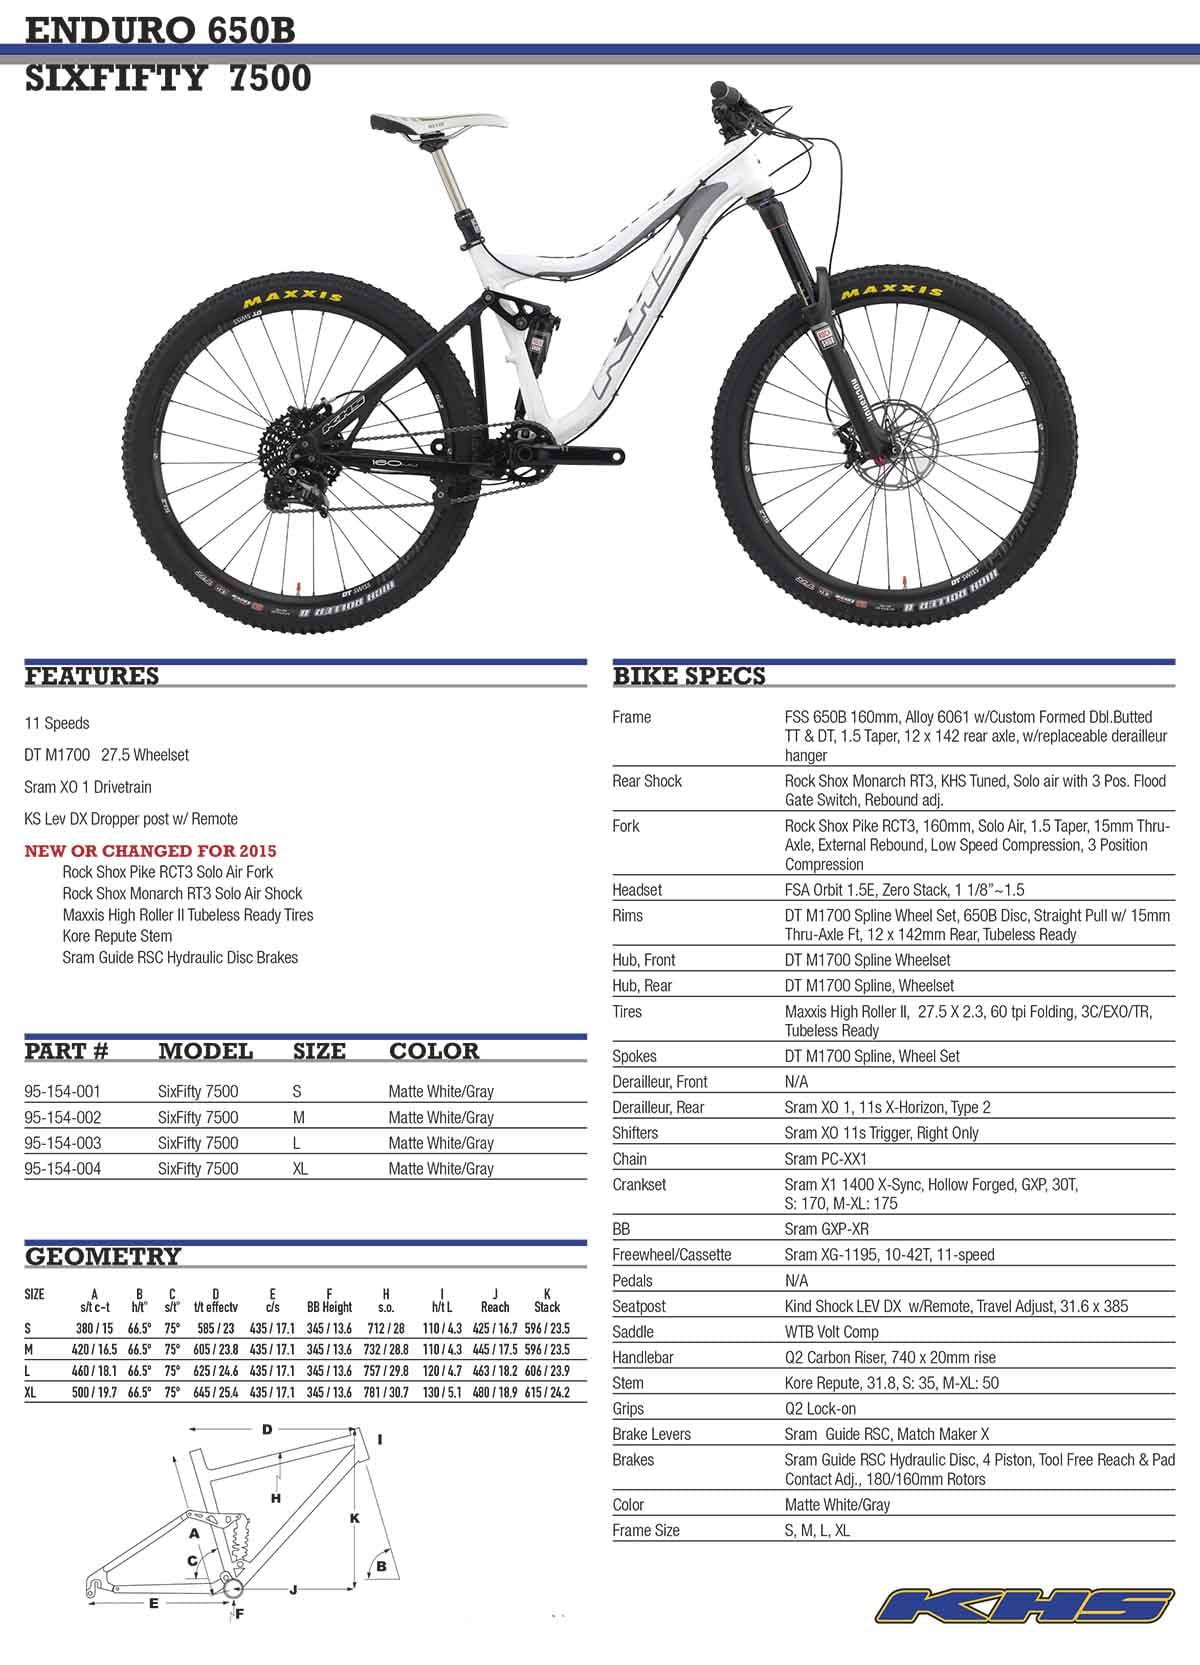 2015 KHS SF 7500 tech info